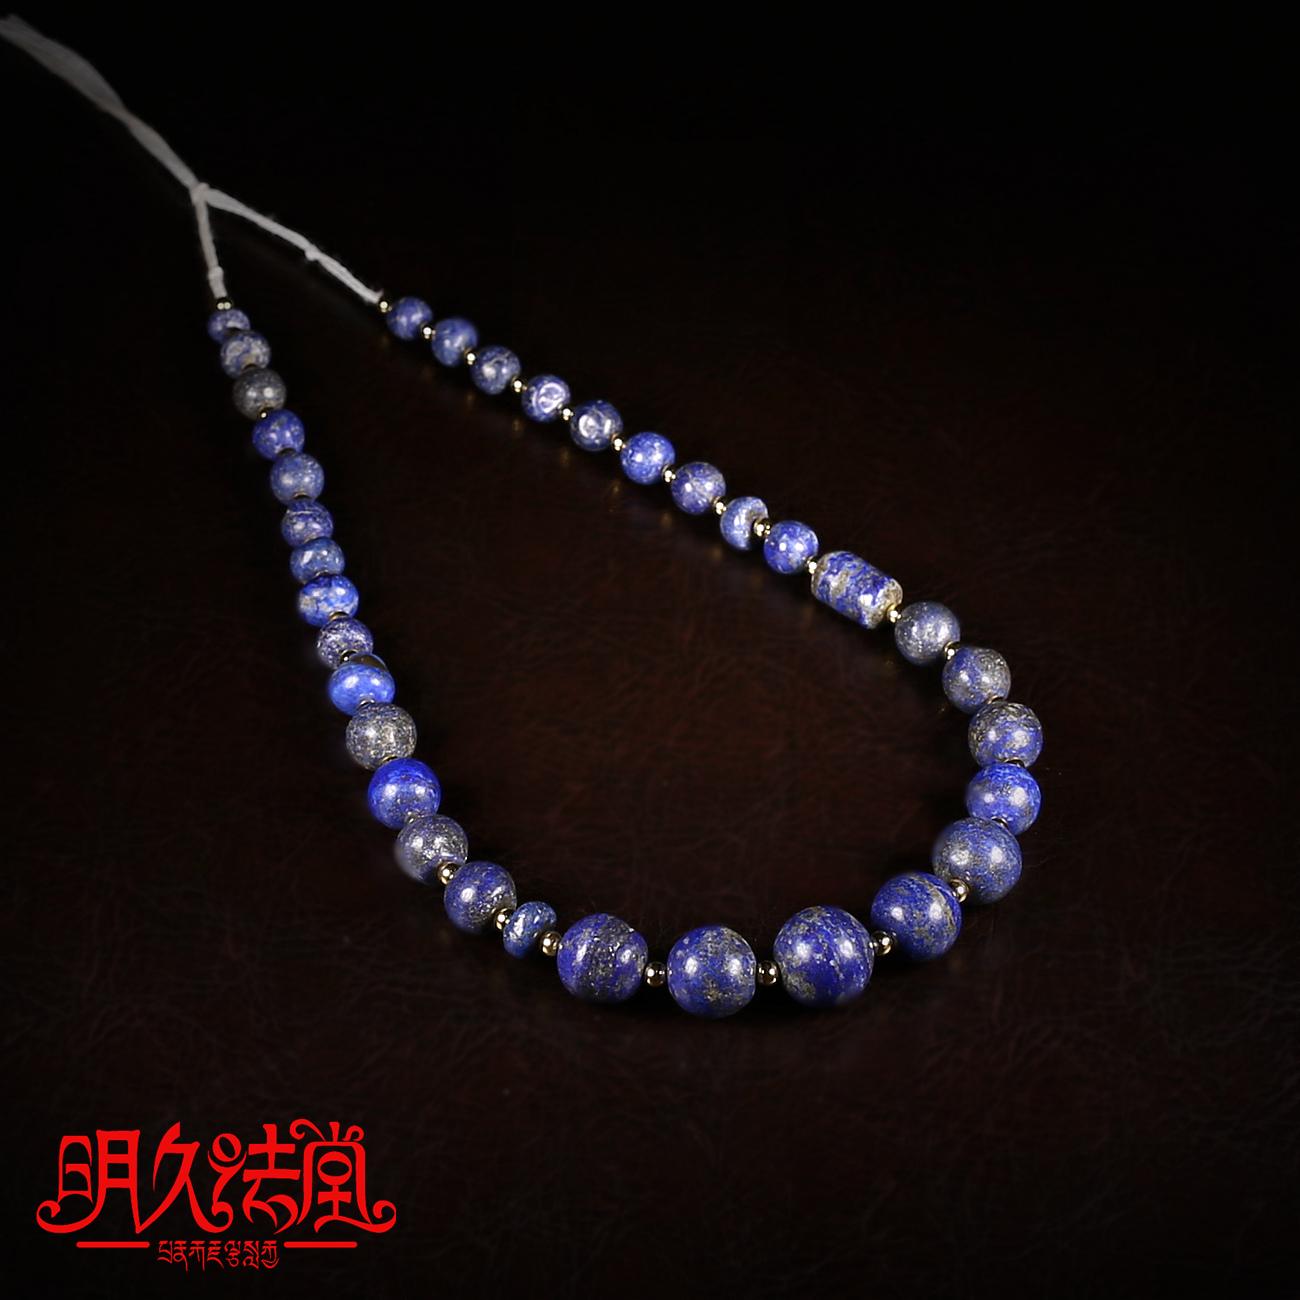 J08281 = Тибетский пакет Мякоть и погода больше, чем сокровища браслетов бусины бусины с бисером, Запад интерьер Бусины Лапис